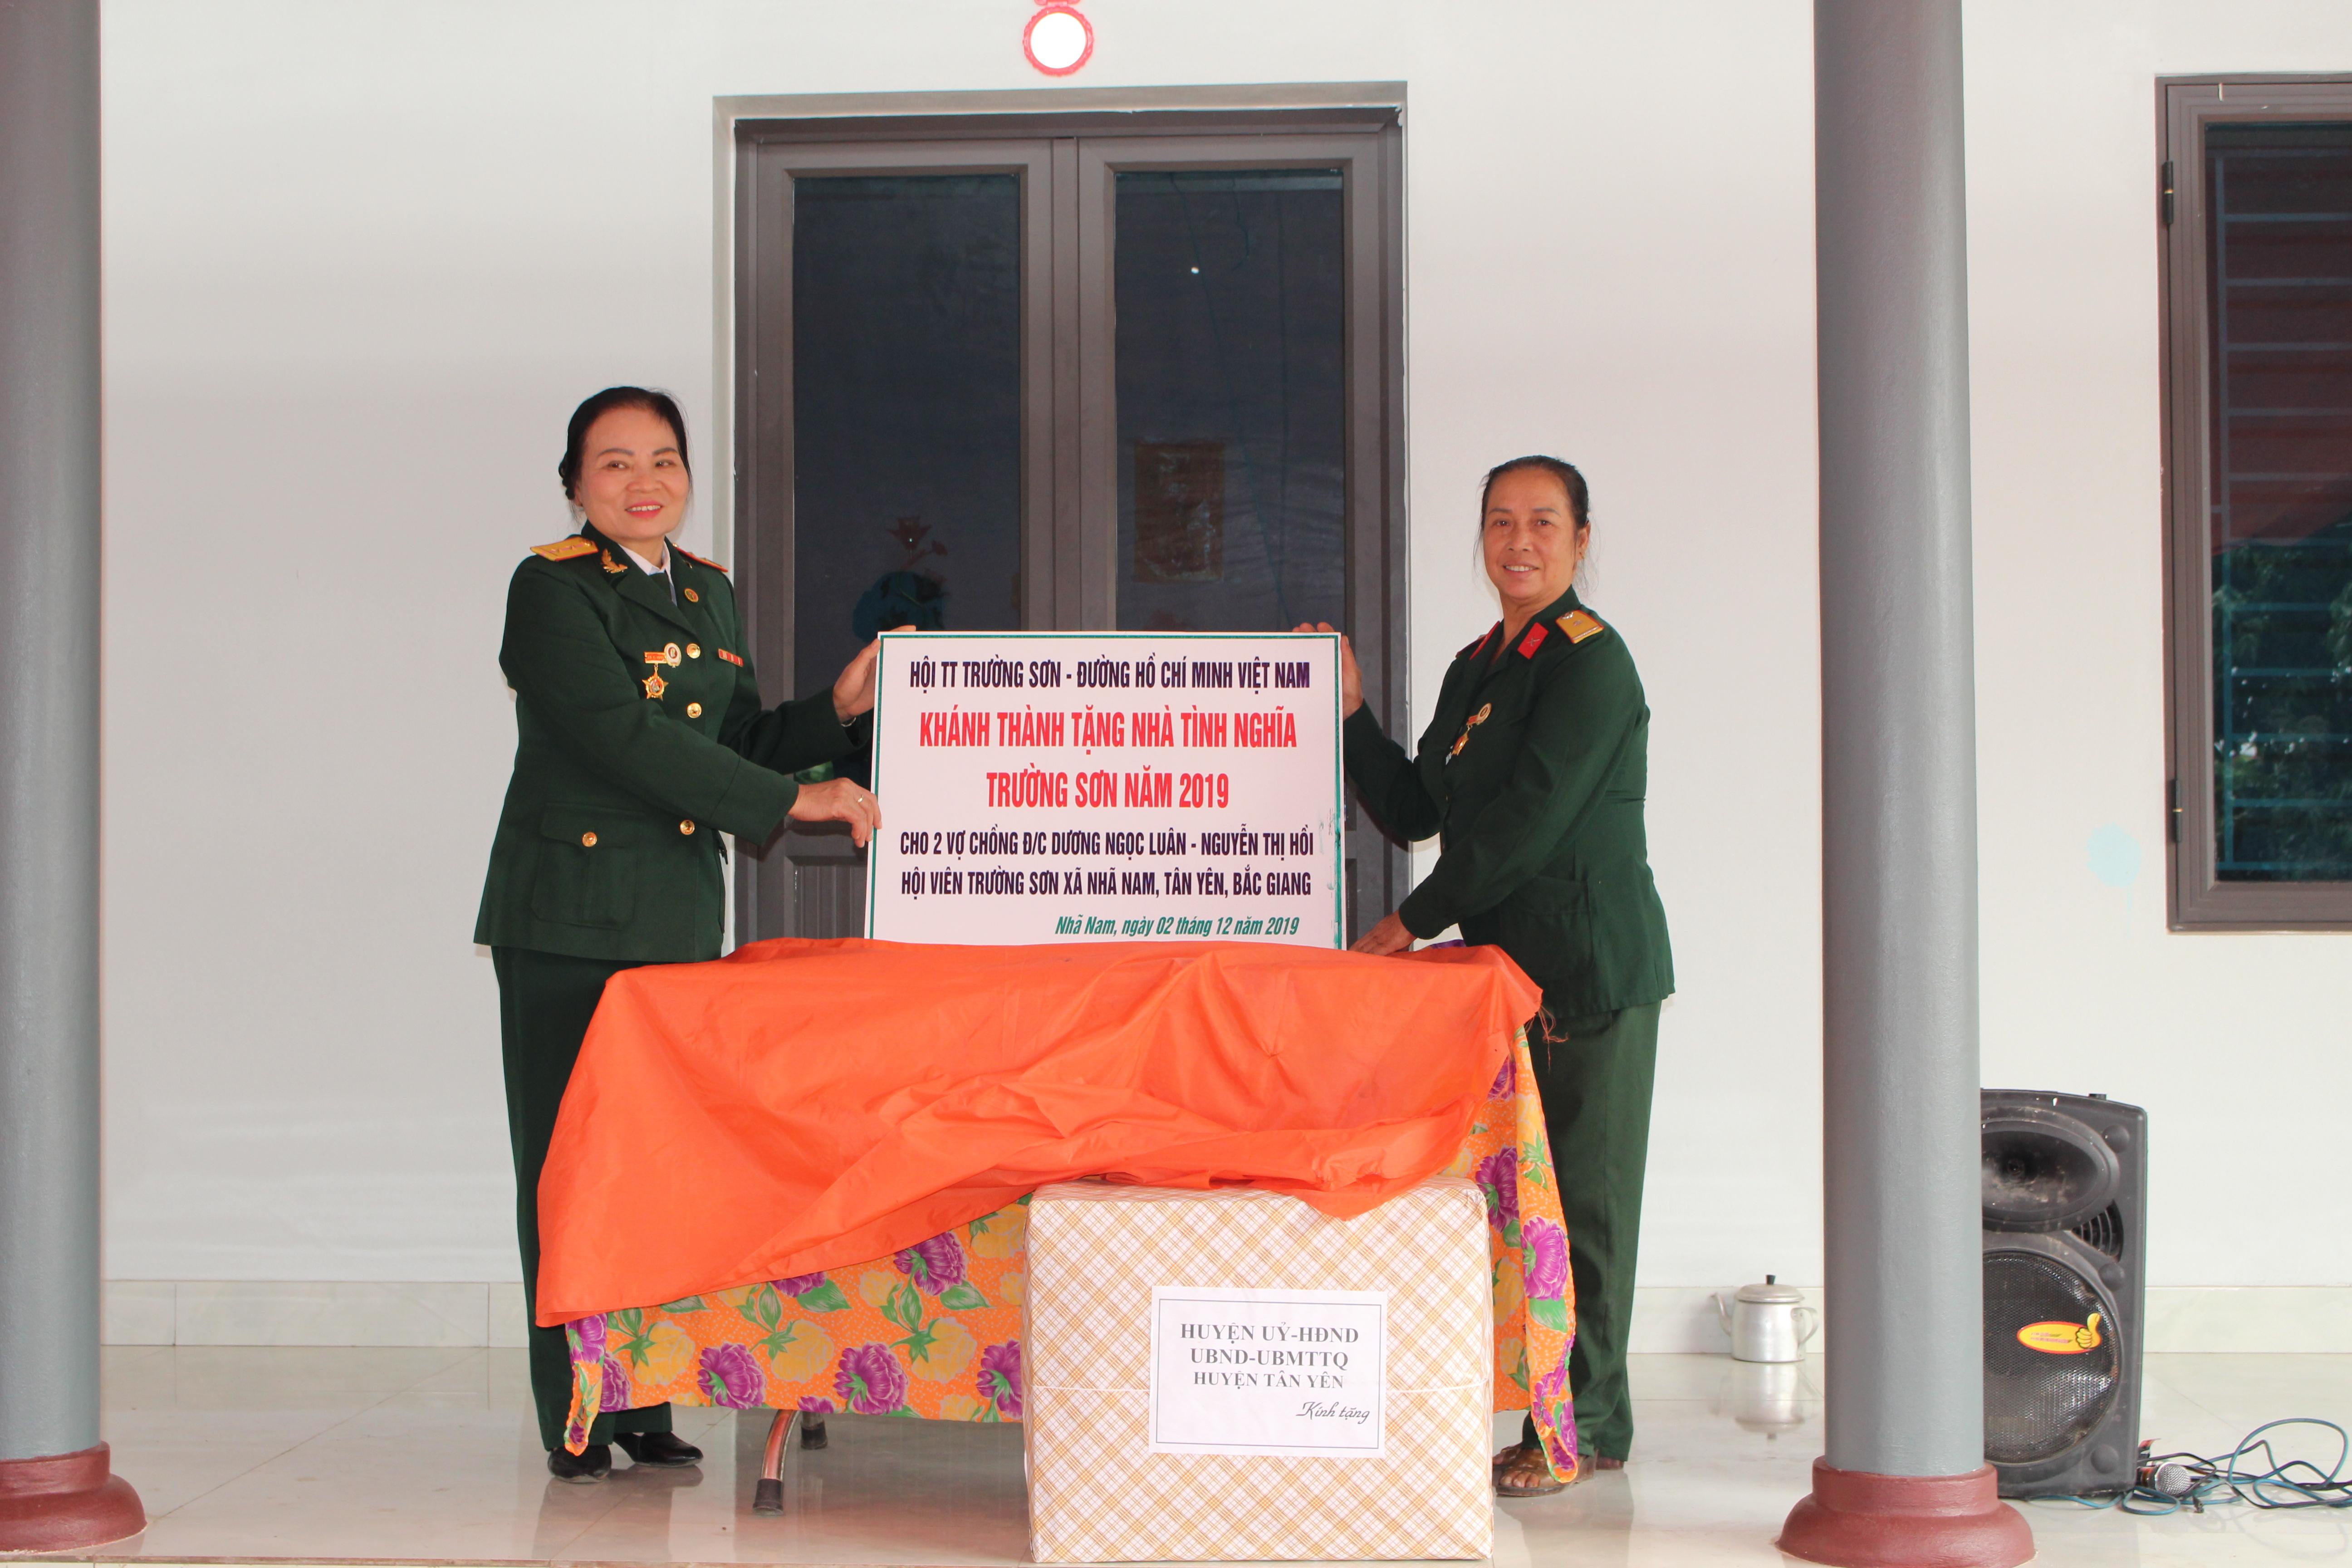 Khánh thành và bàn giao Nhà Nghĩa Tình Trường Sơn cho vợ chồng hội viên Trường Sơn xã Nhã Nam, huyên Tân Yên , tỉnh Bắc Giang